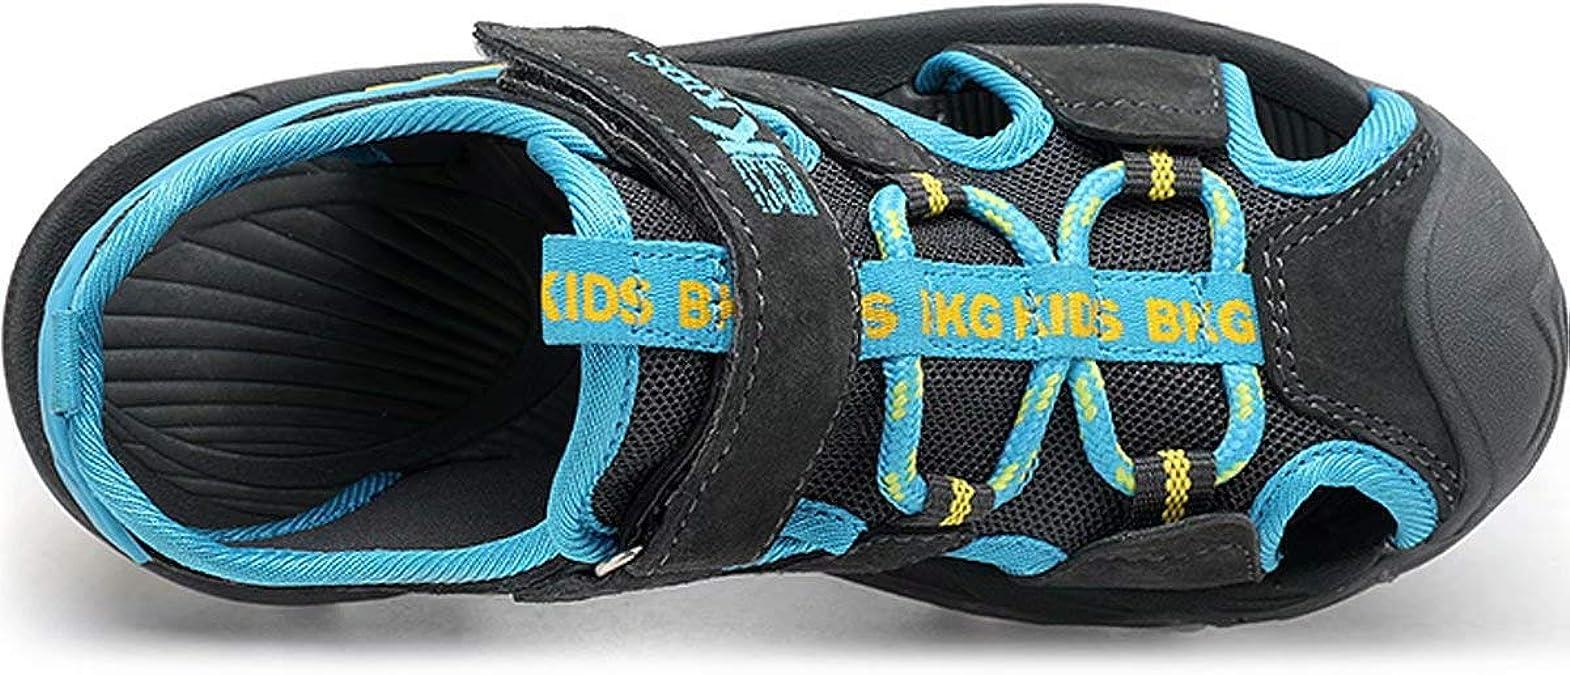 GURGER Sandalias para Niños Niña Verano Zapatos Playa Sandalias ...